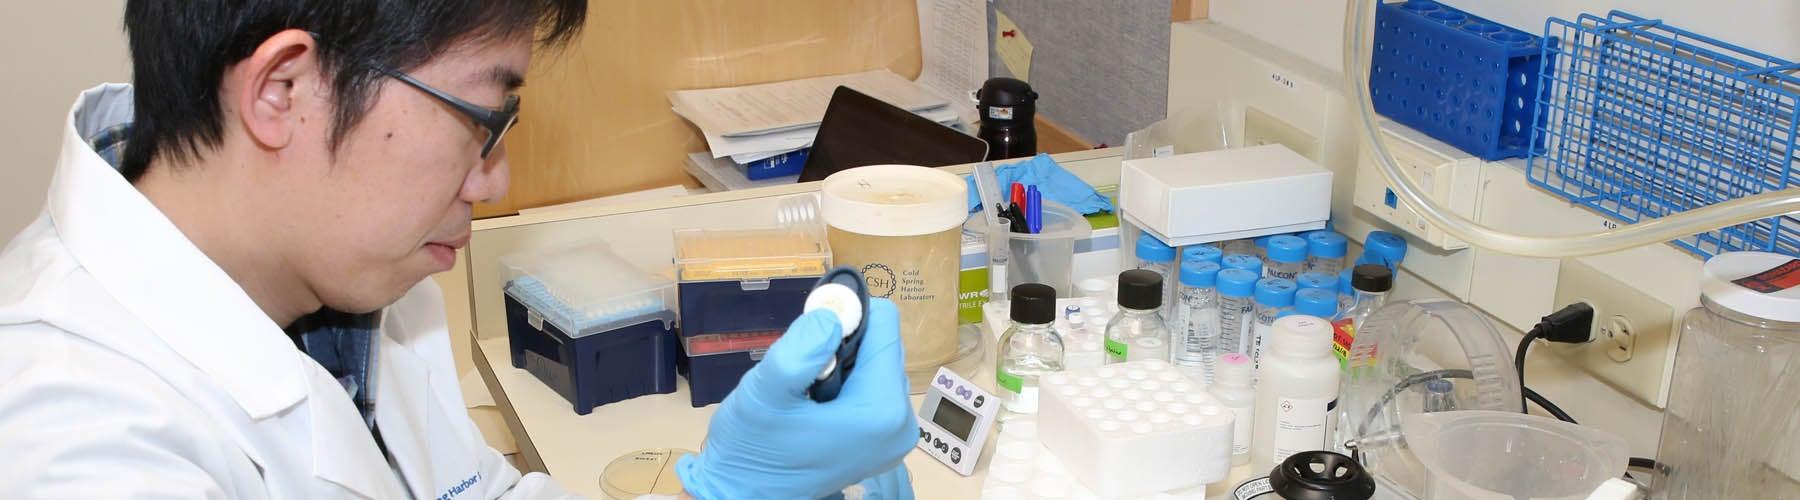 Rhabdomyosarcoma research